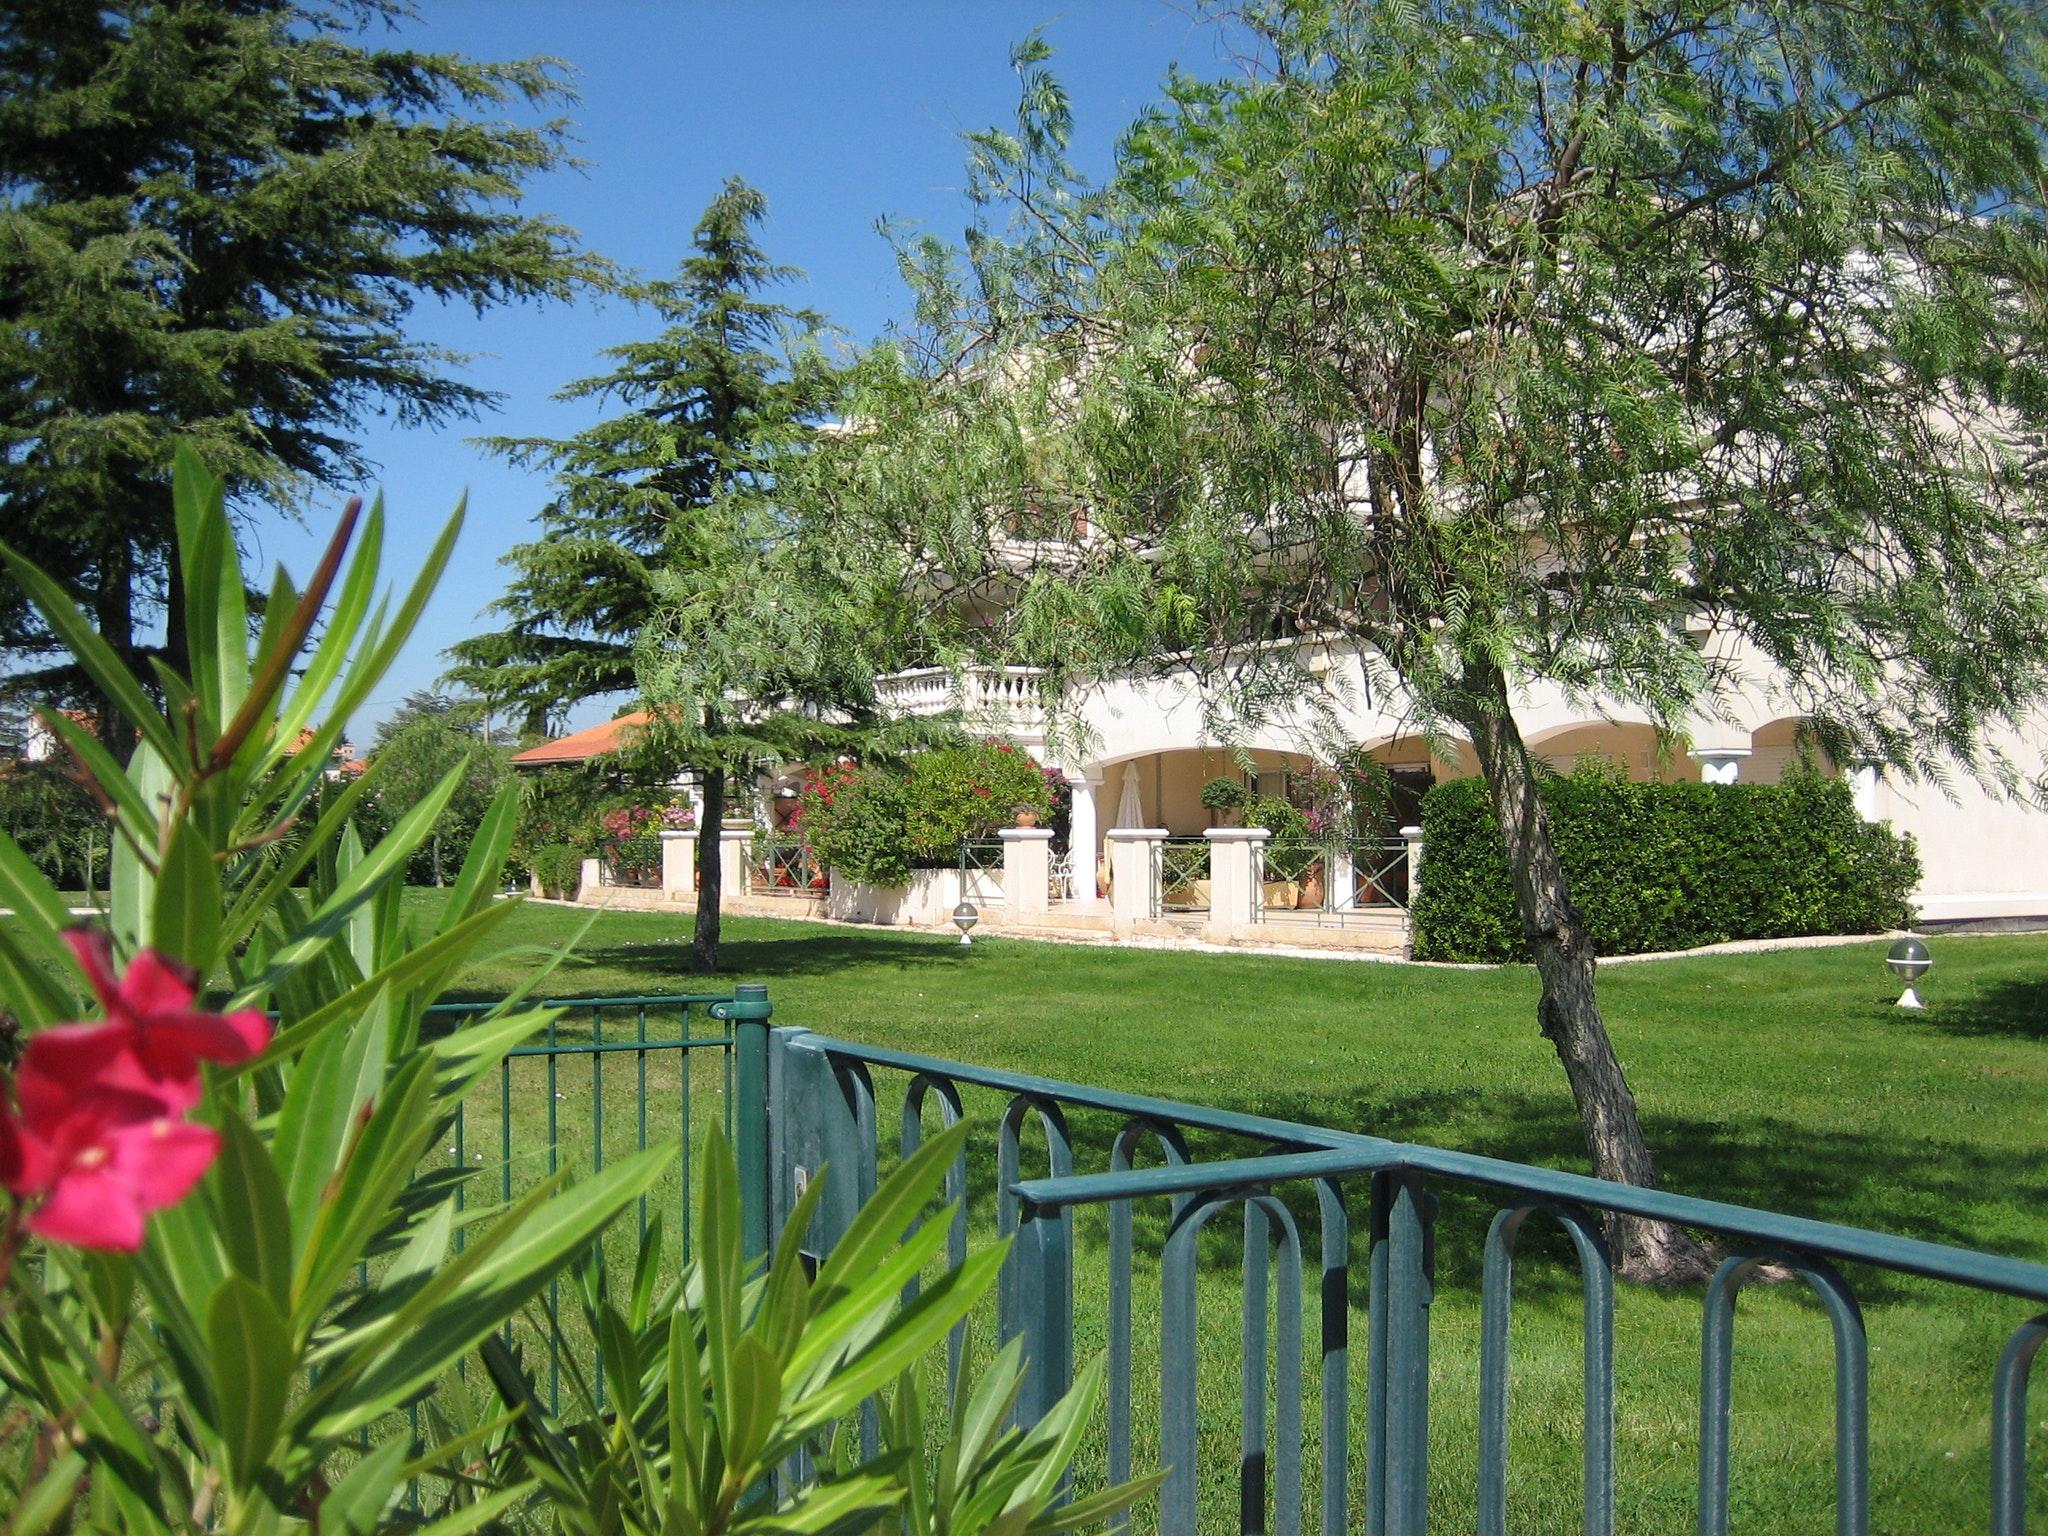 Appartement de vacances Wohnung mit einem Schlafzimmer in Carqueiranne mit Pool, eingezäuntem Garten und W-LAN - 7 (2231381), Carqueiranne, Côte d'Azur, Provence - Alpes - Côte d'Azur, France, image 17